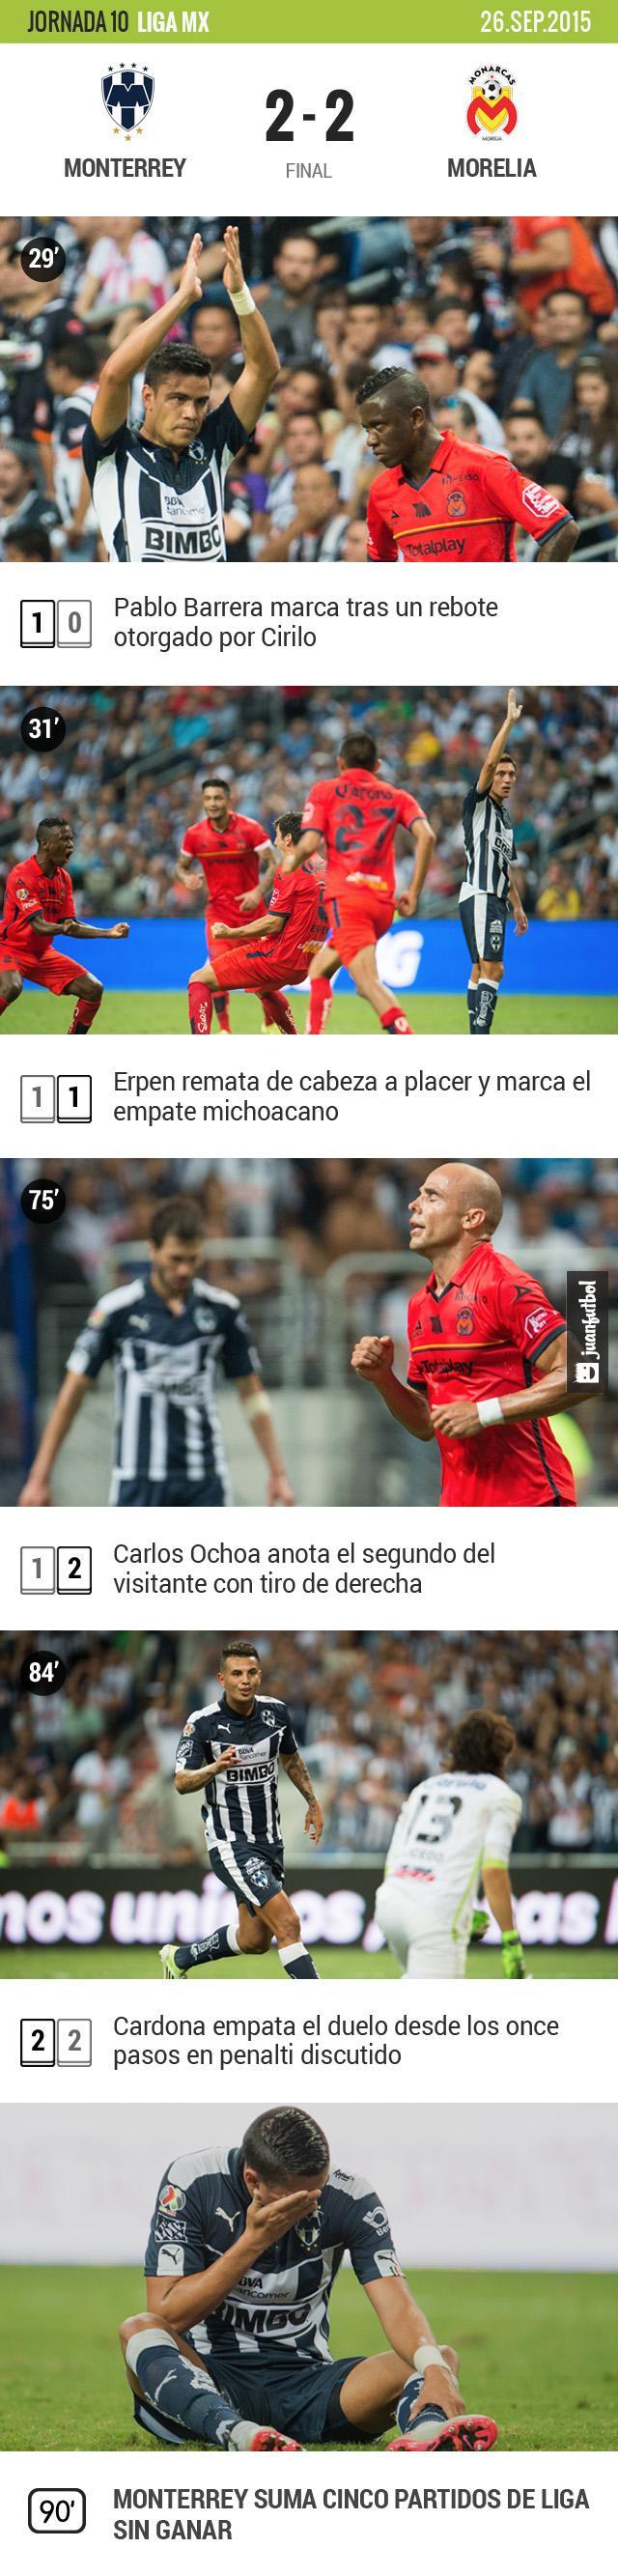 Monterrey apenas empató con Morelia